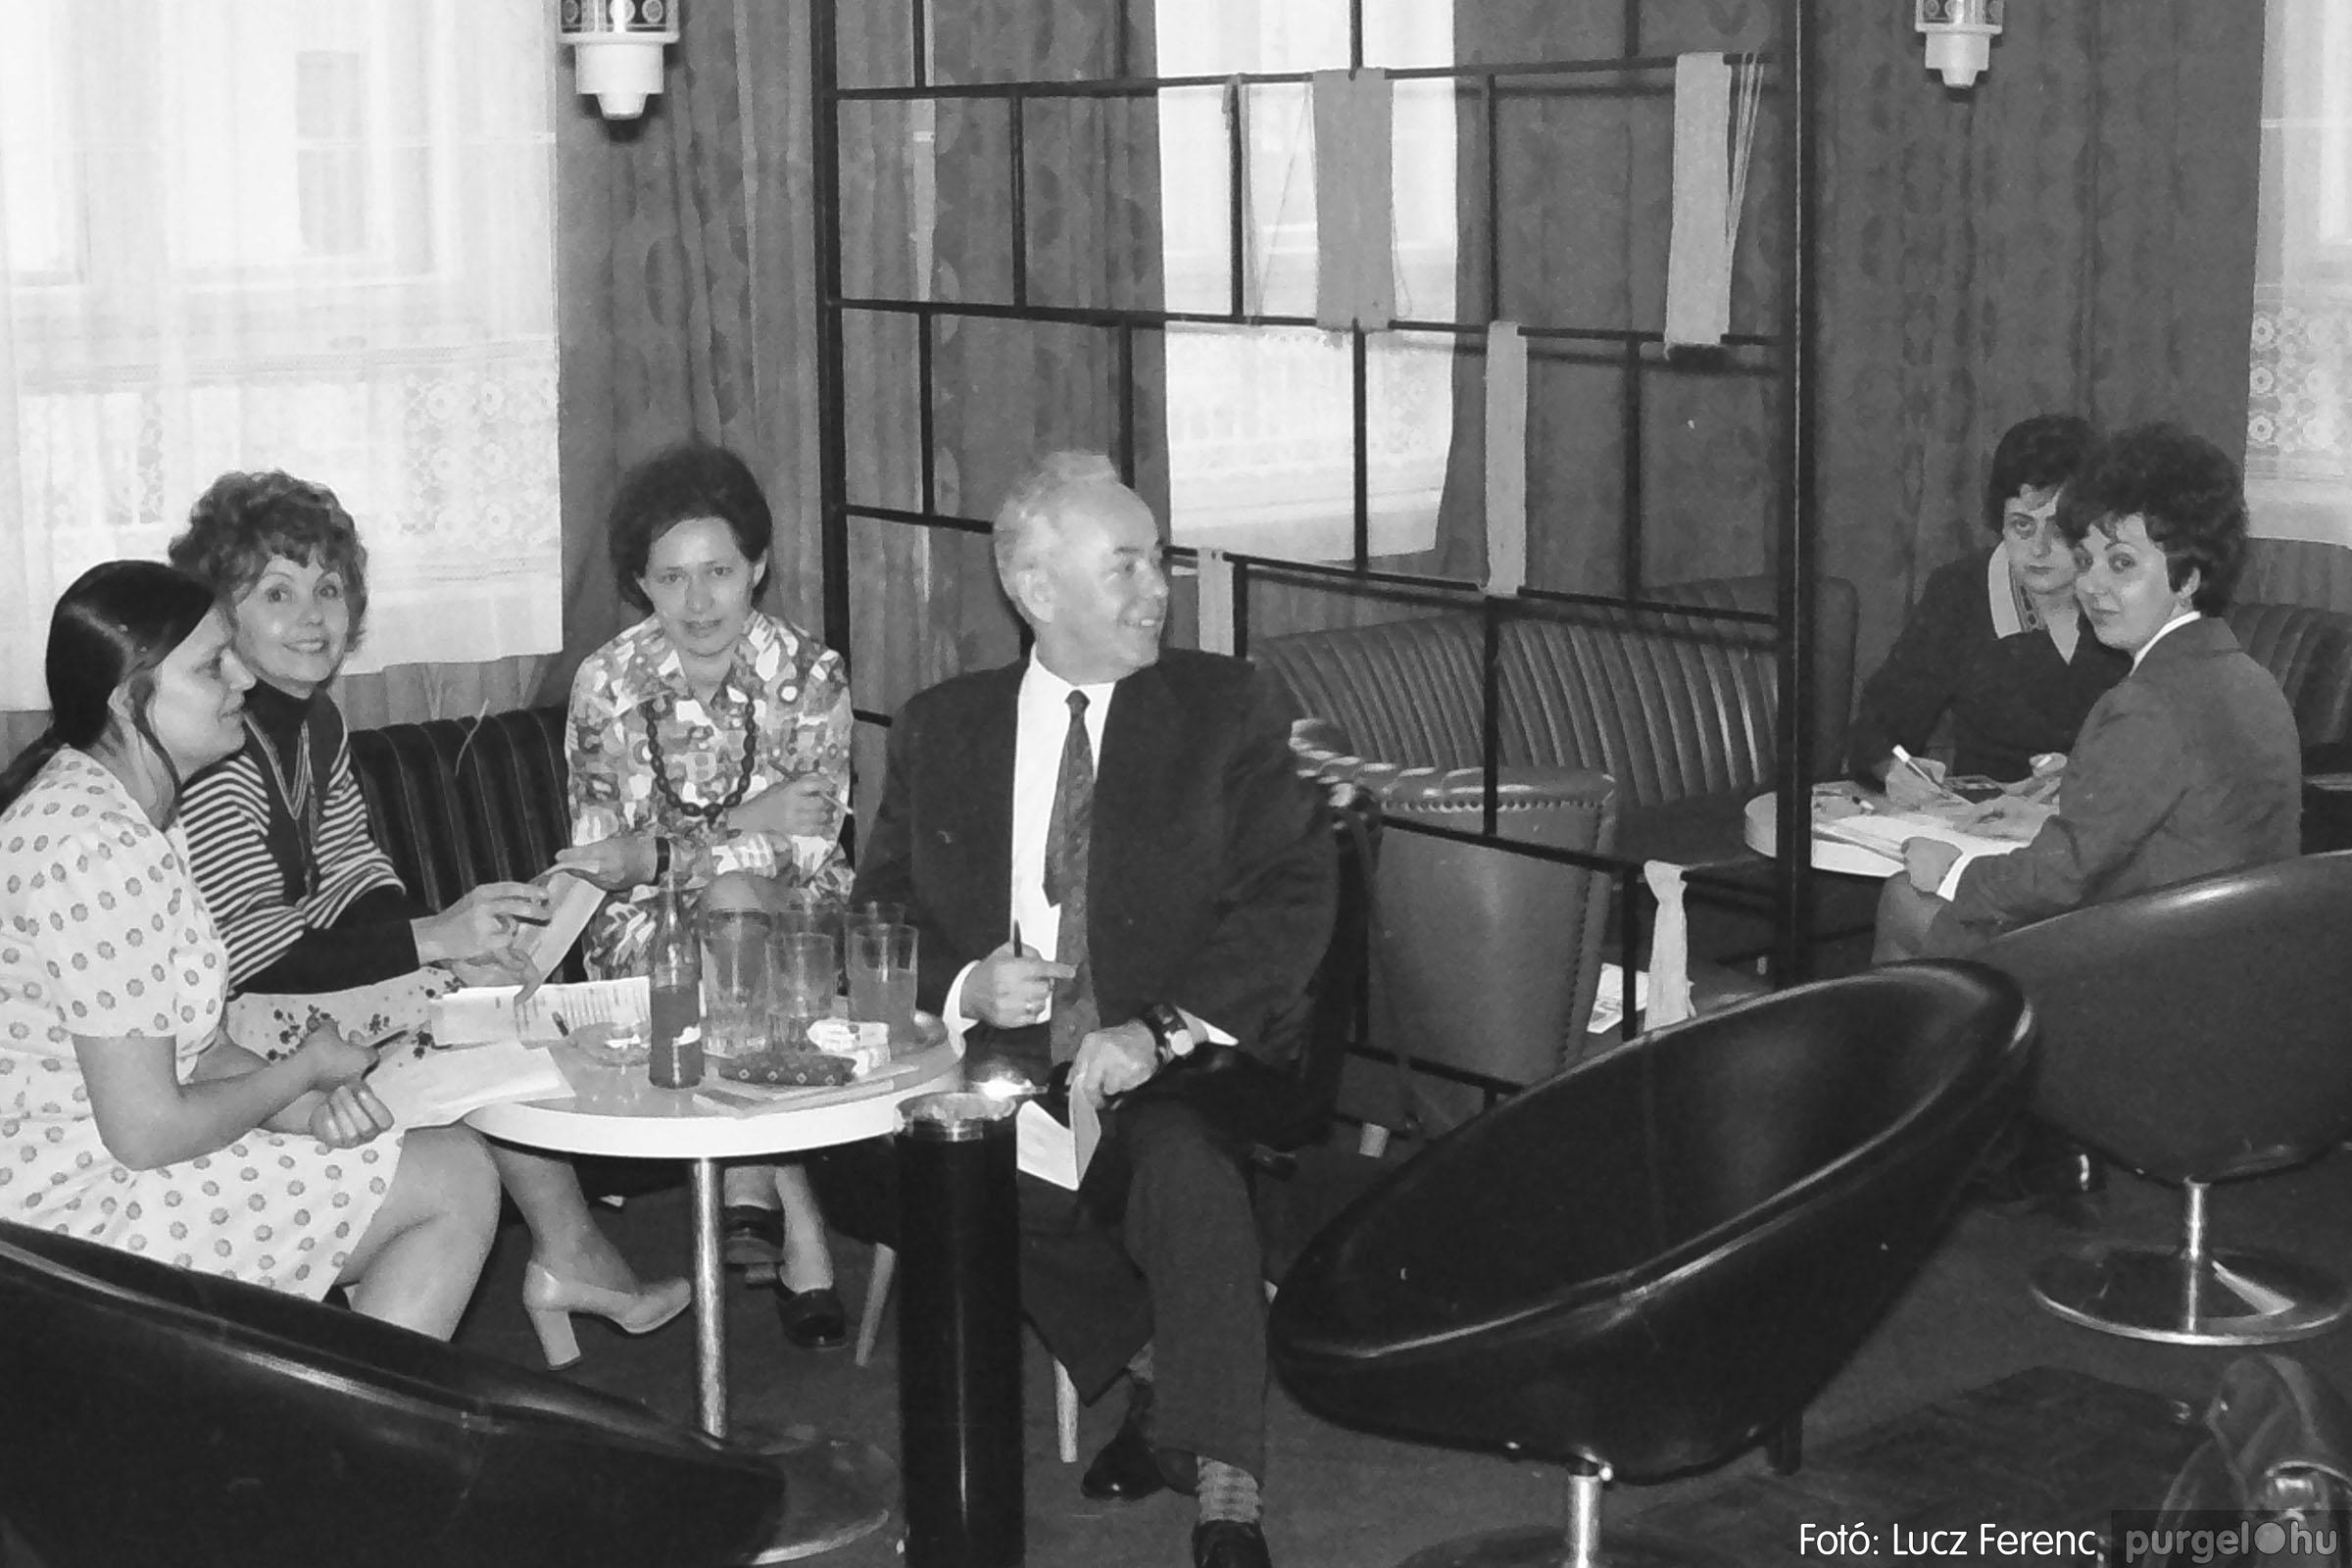 036-037. 1976. Diákprogram a kultúrházban 034 - Fotó: Lucz Ferenc.jpg